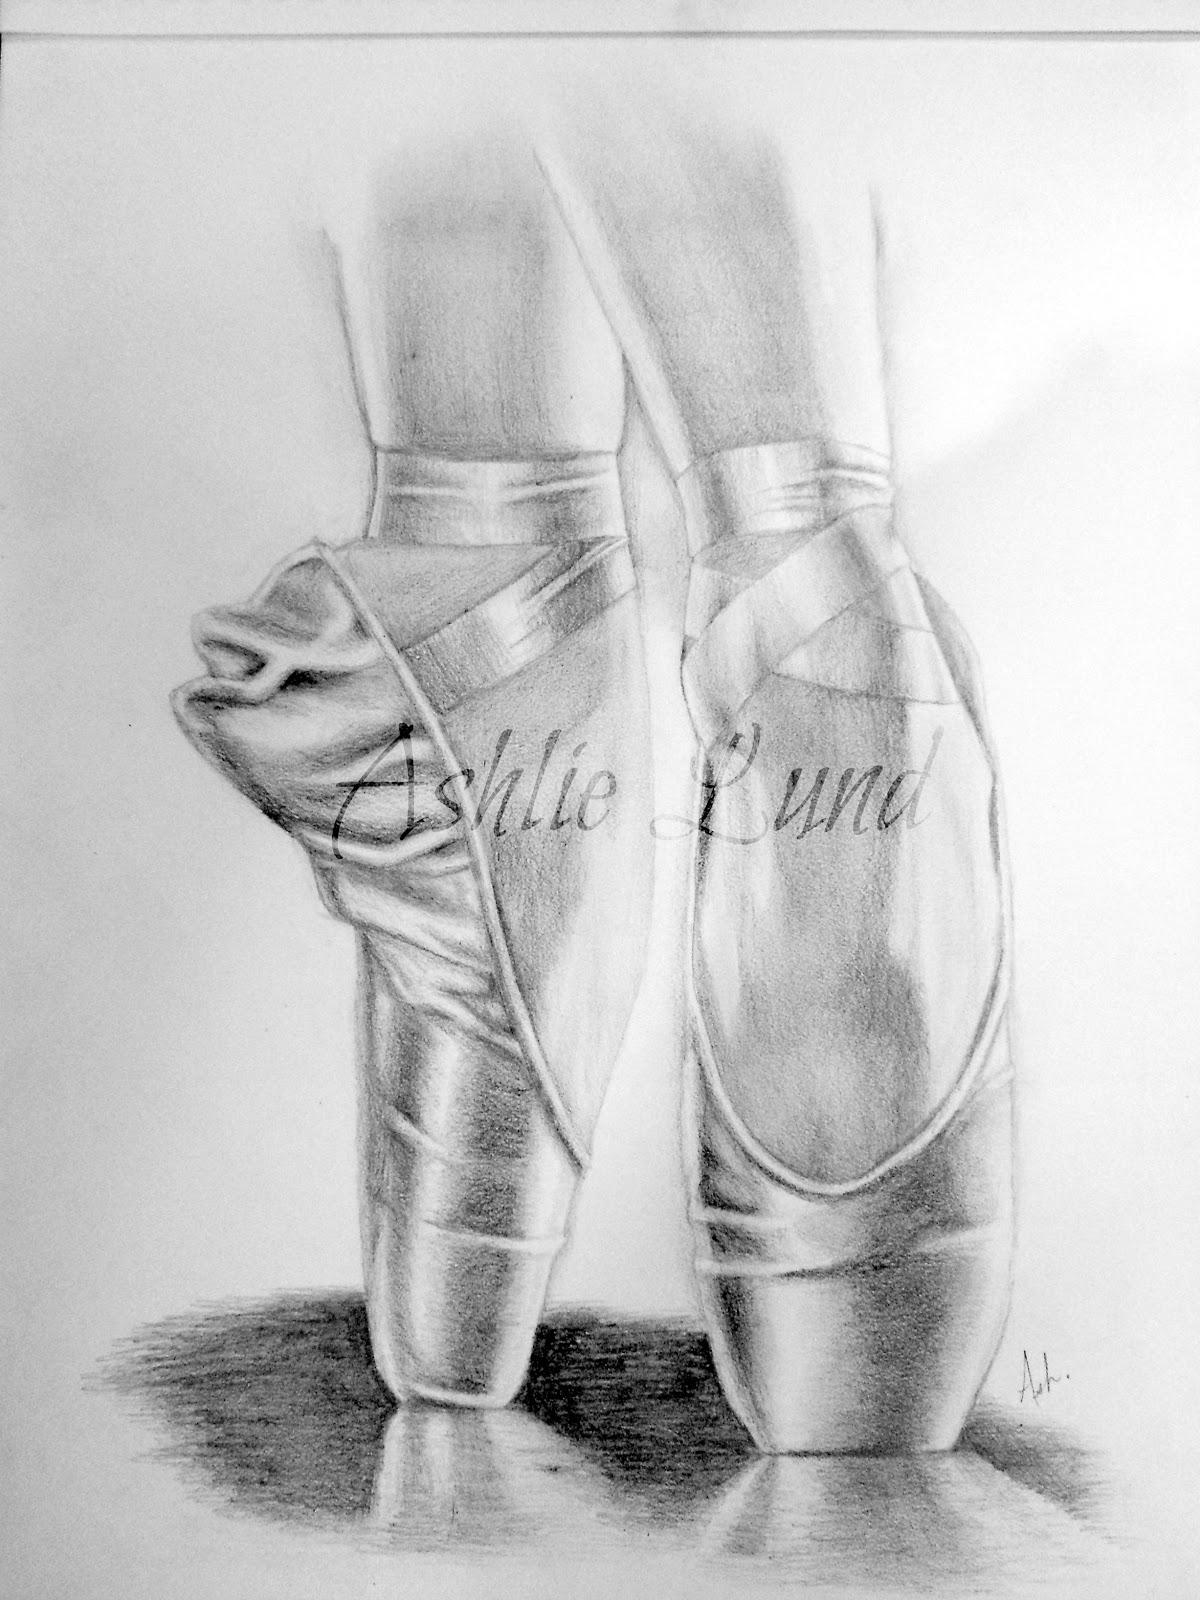 Drawn shoe pencil sketch Shoes x 11 11 14